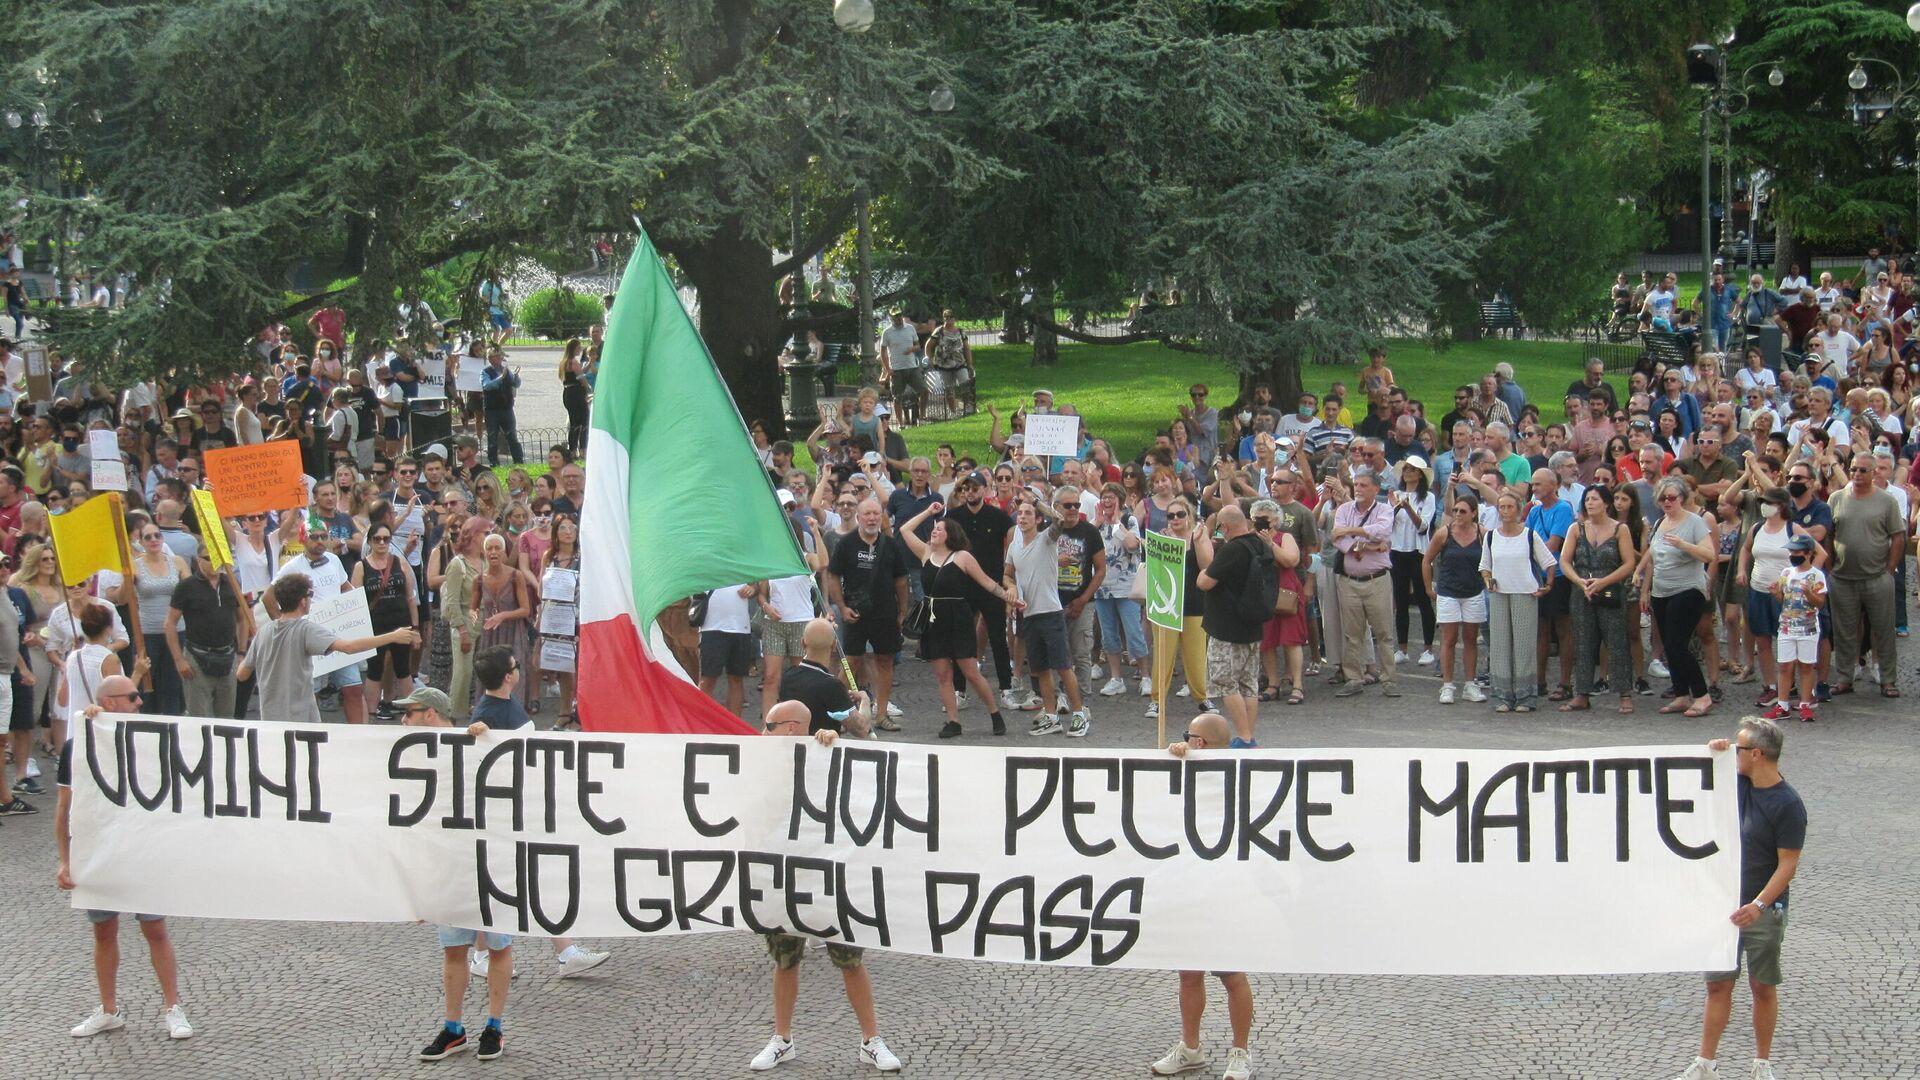 """A Verona manifestazione contro il Green Pass al grido di """"libertà"""" - Sputnik Italia, 1920, 01.08.2021"""